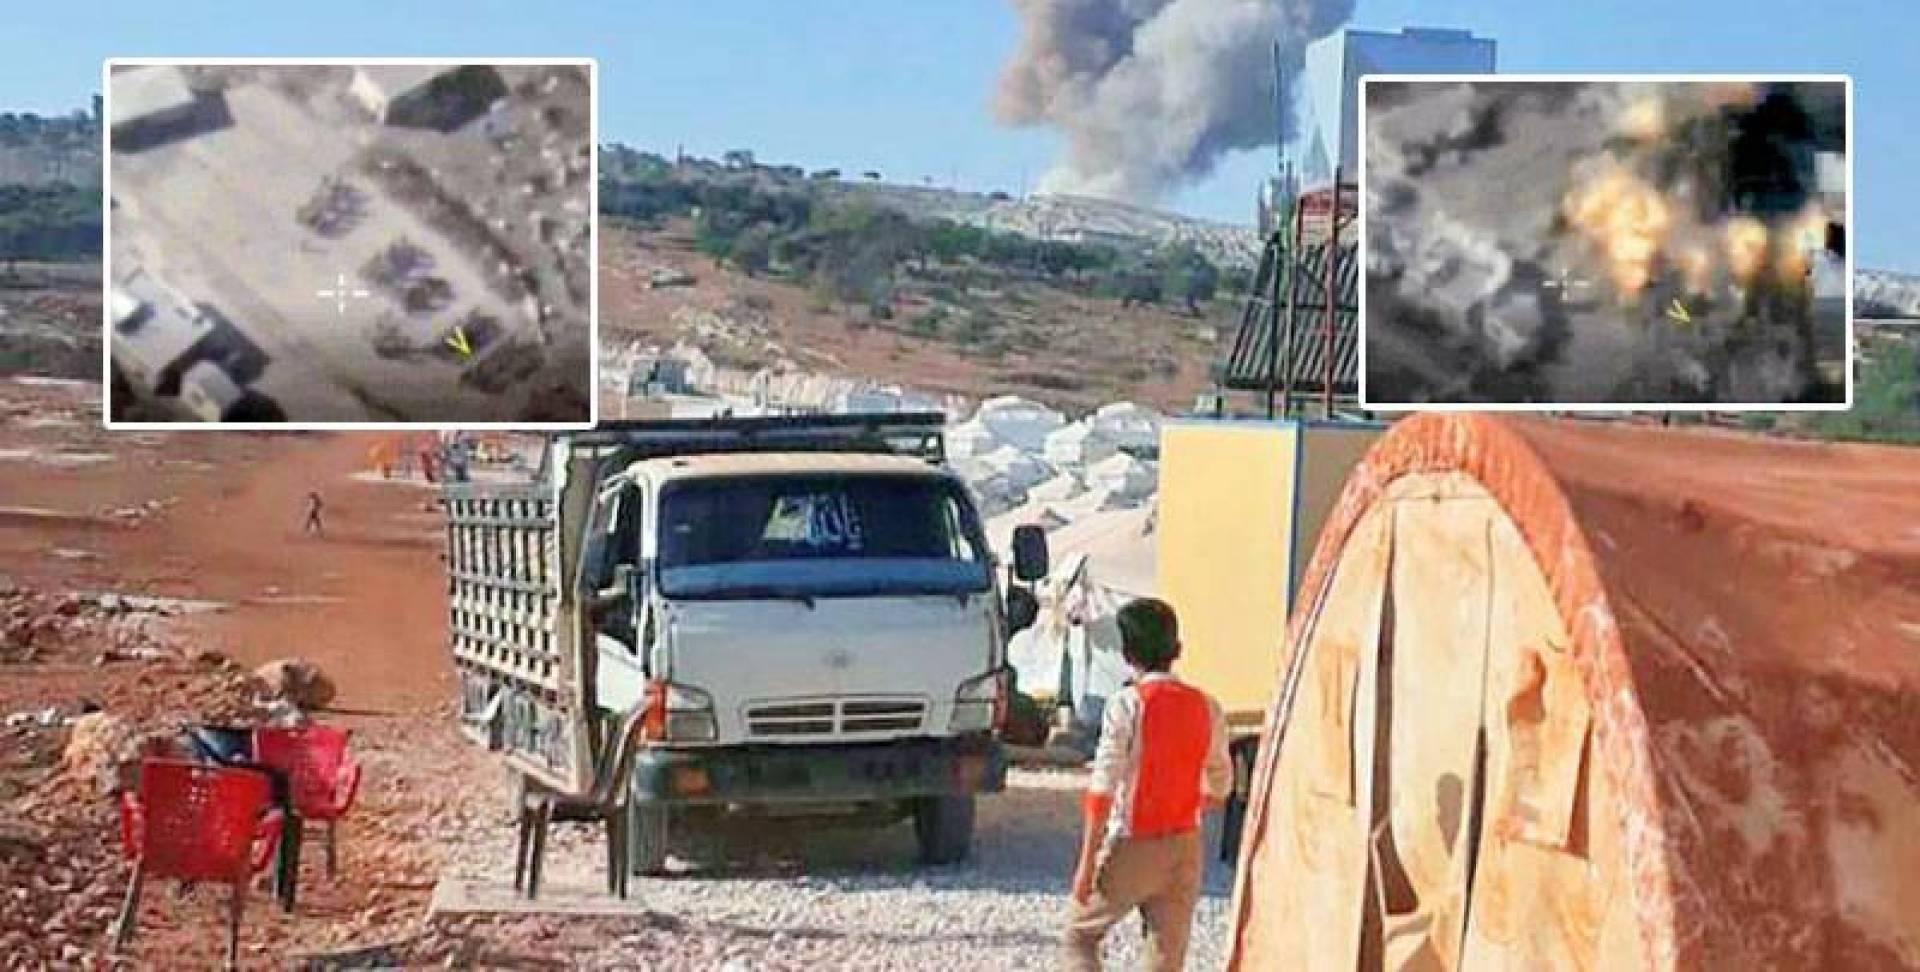 الدخان متصاعداً من معسكر فيلق الشام.. وفي الإطار صور جوية تظهر استهداف حفل تخريج مقاتلين